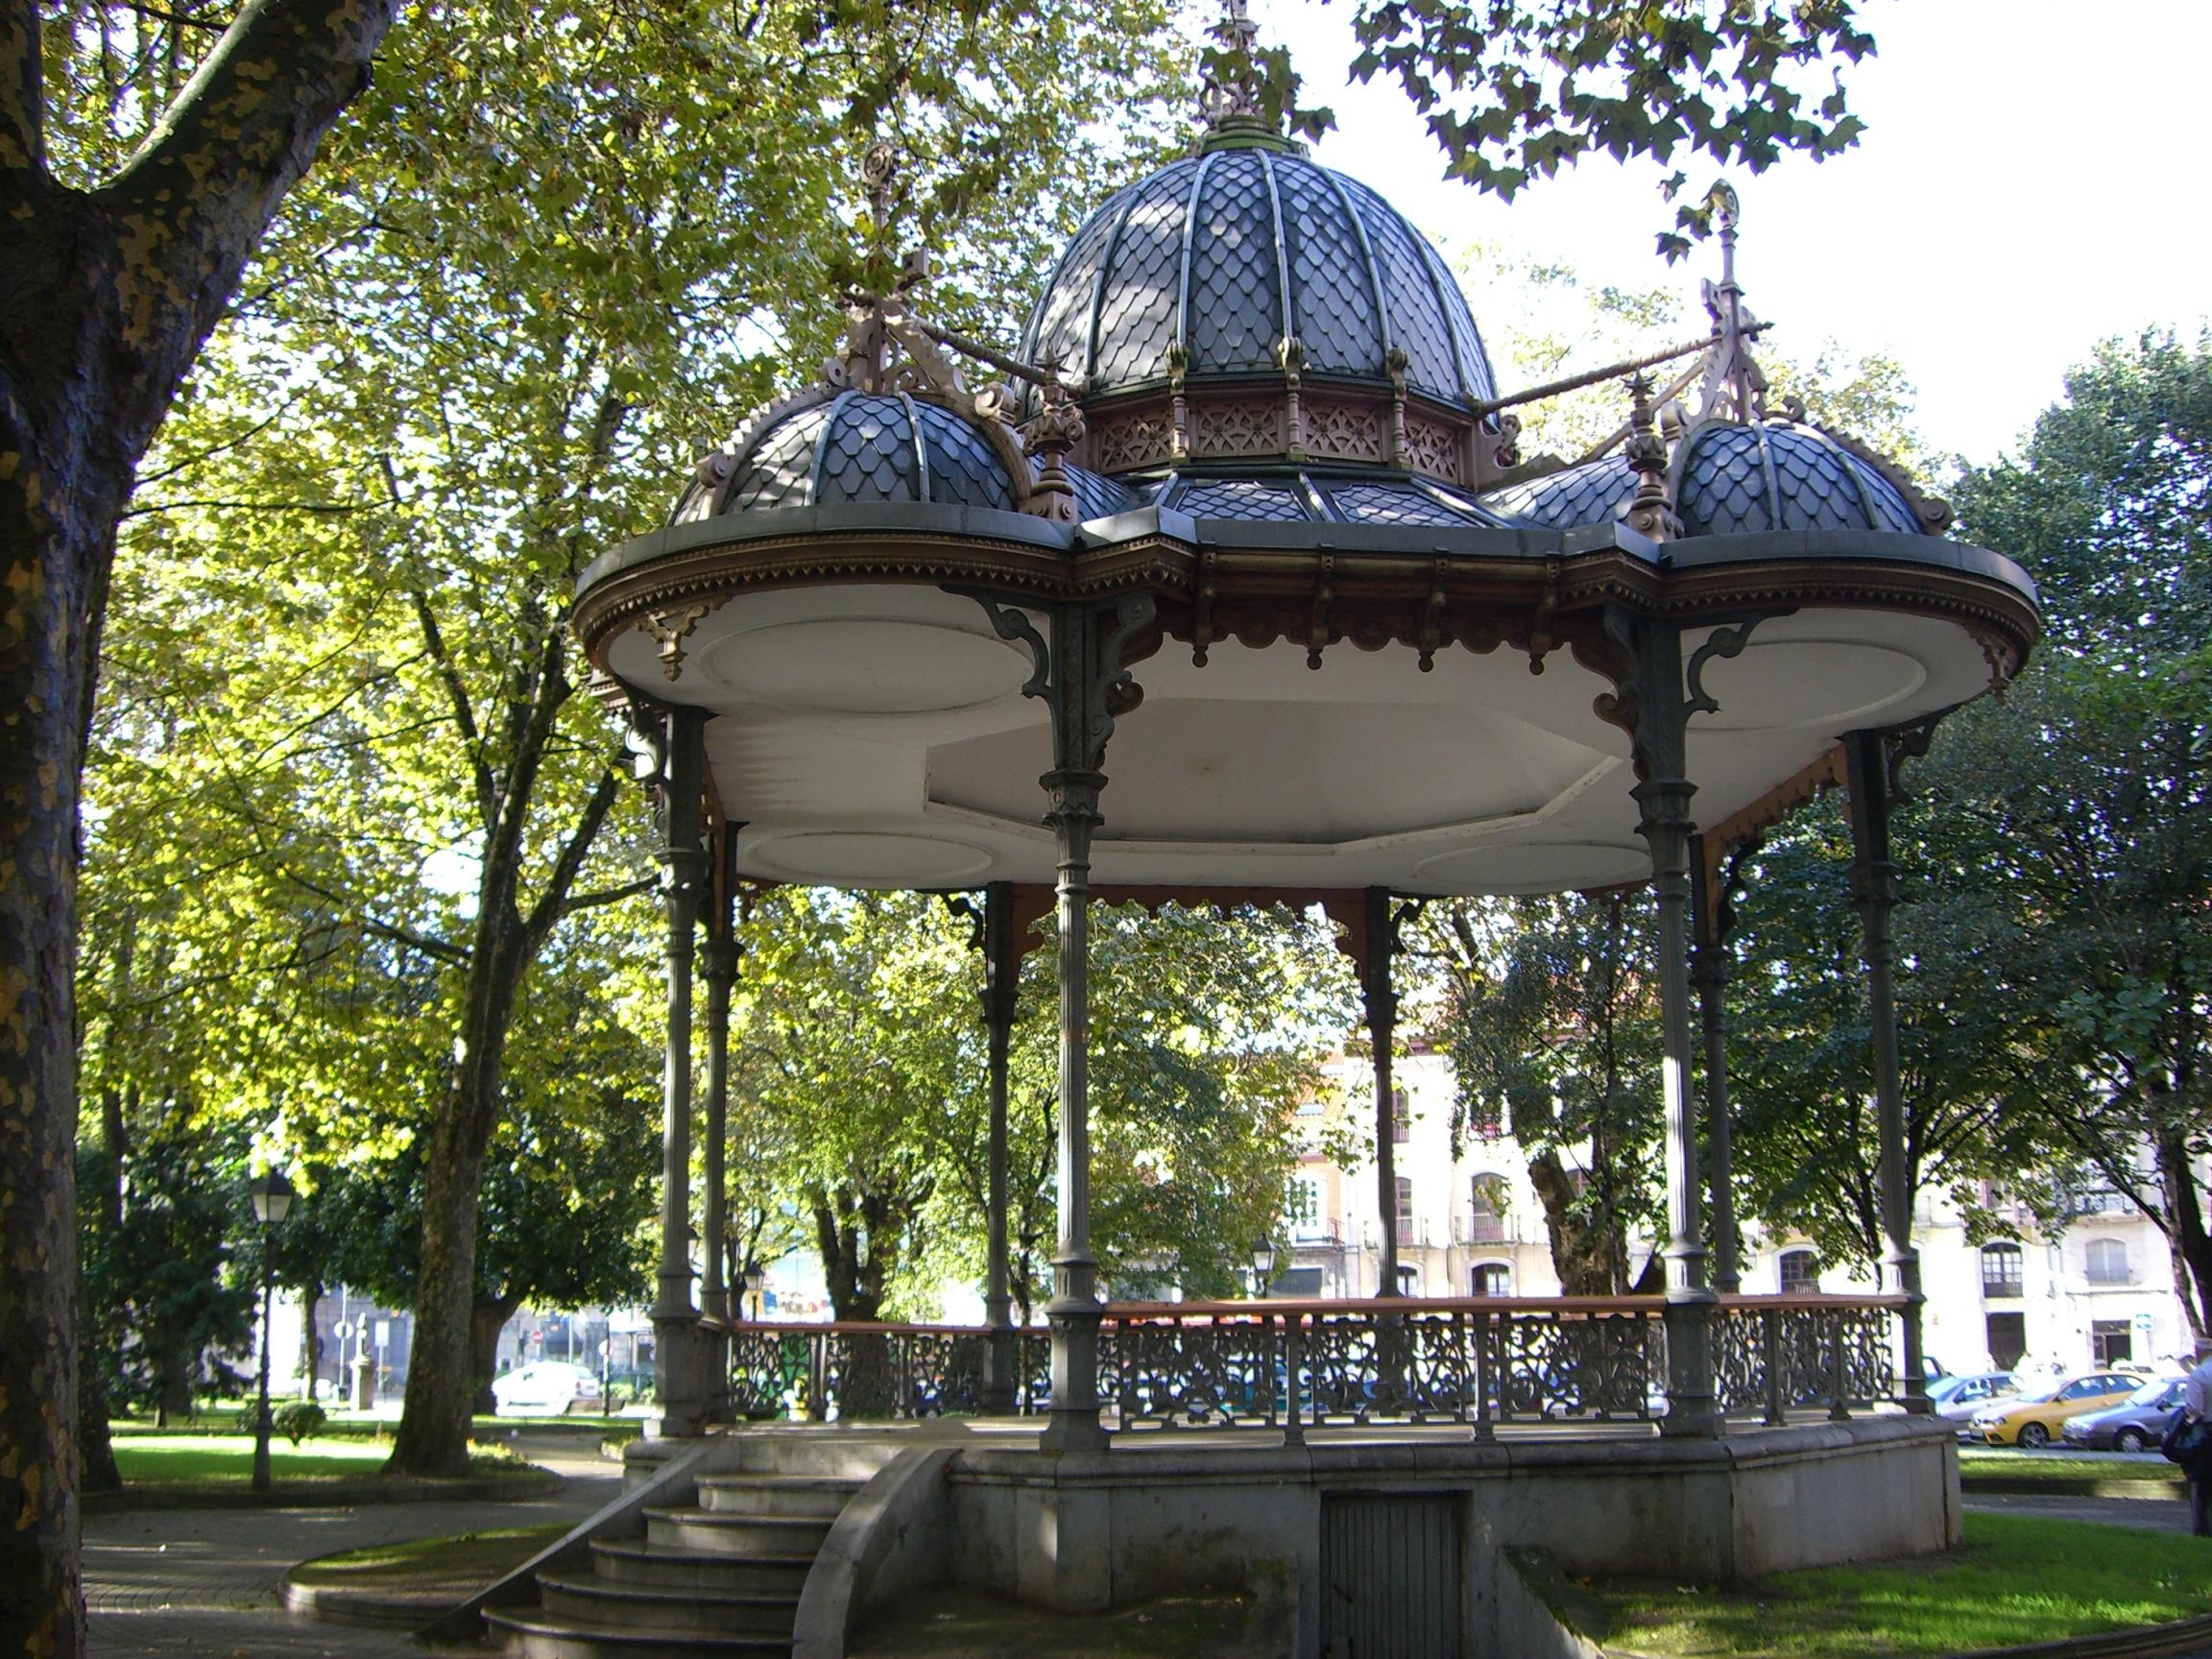 El kiosco del parque del muelle los episodios avilesinos for Fotos de kioscos de madera